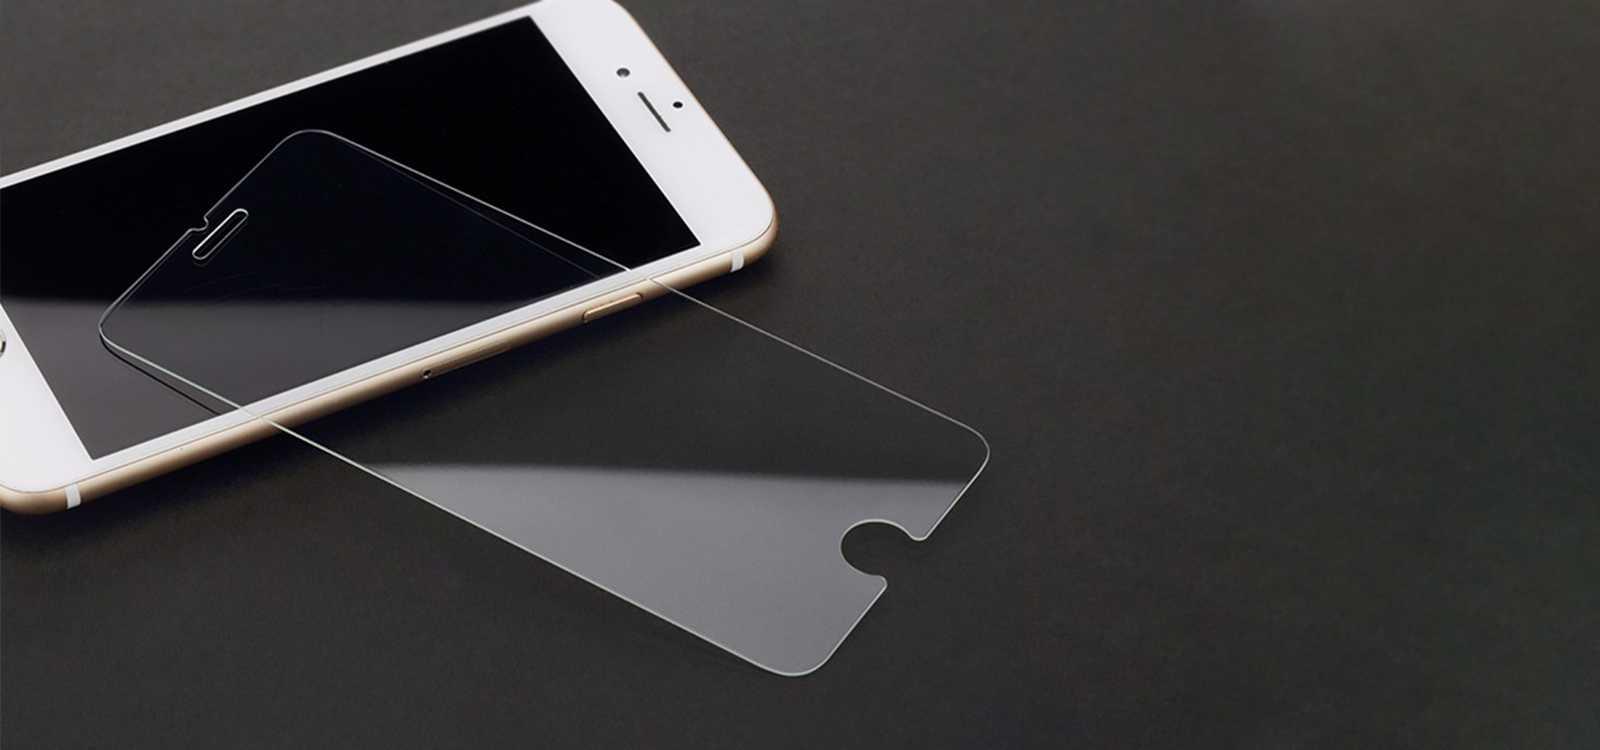 Картинки по запросу Как лучше защитить экран телефона?